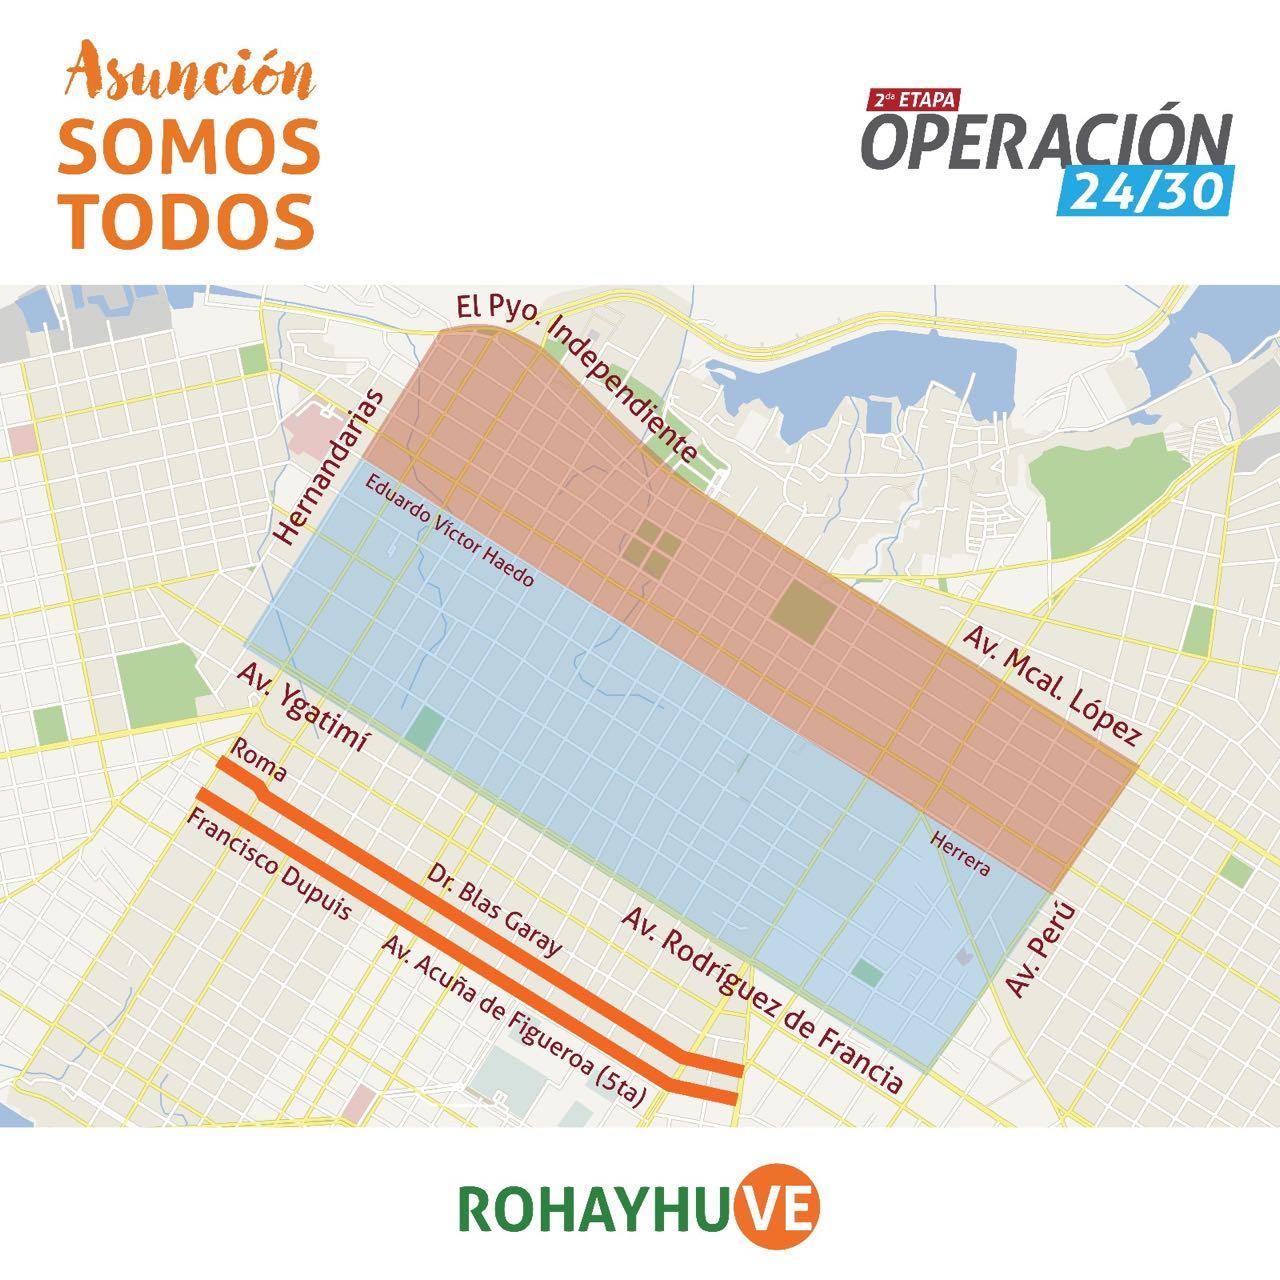 Bacheo en calles del centro histórico de Asunción